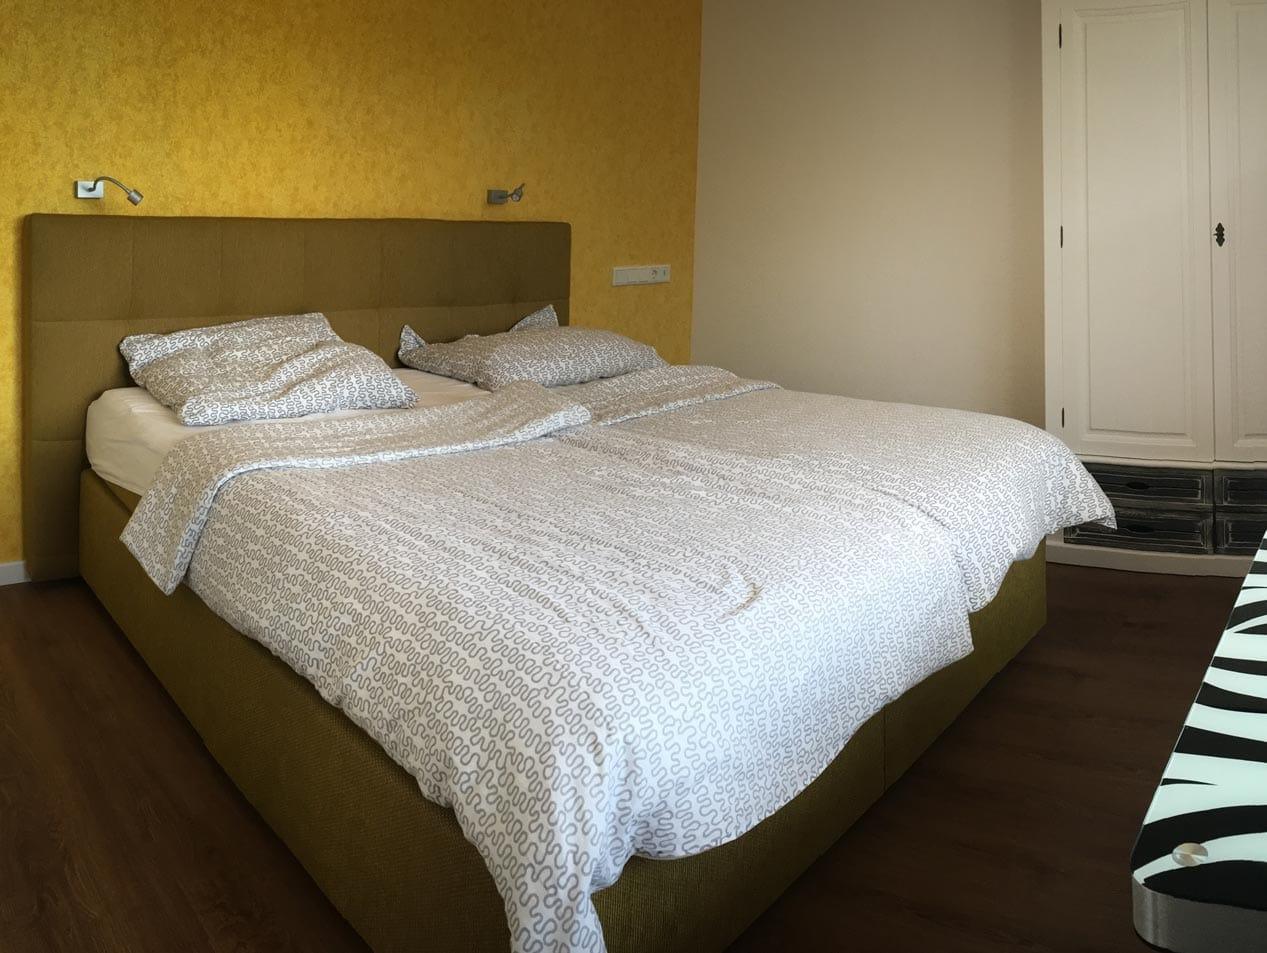 Schlafzimmer der Unterkunft | Hessischer Tennis-Verband